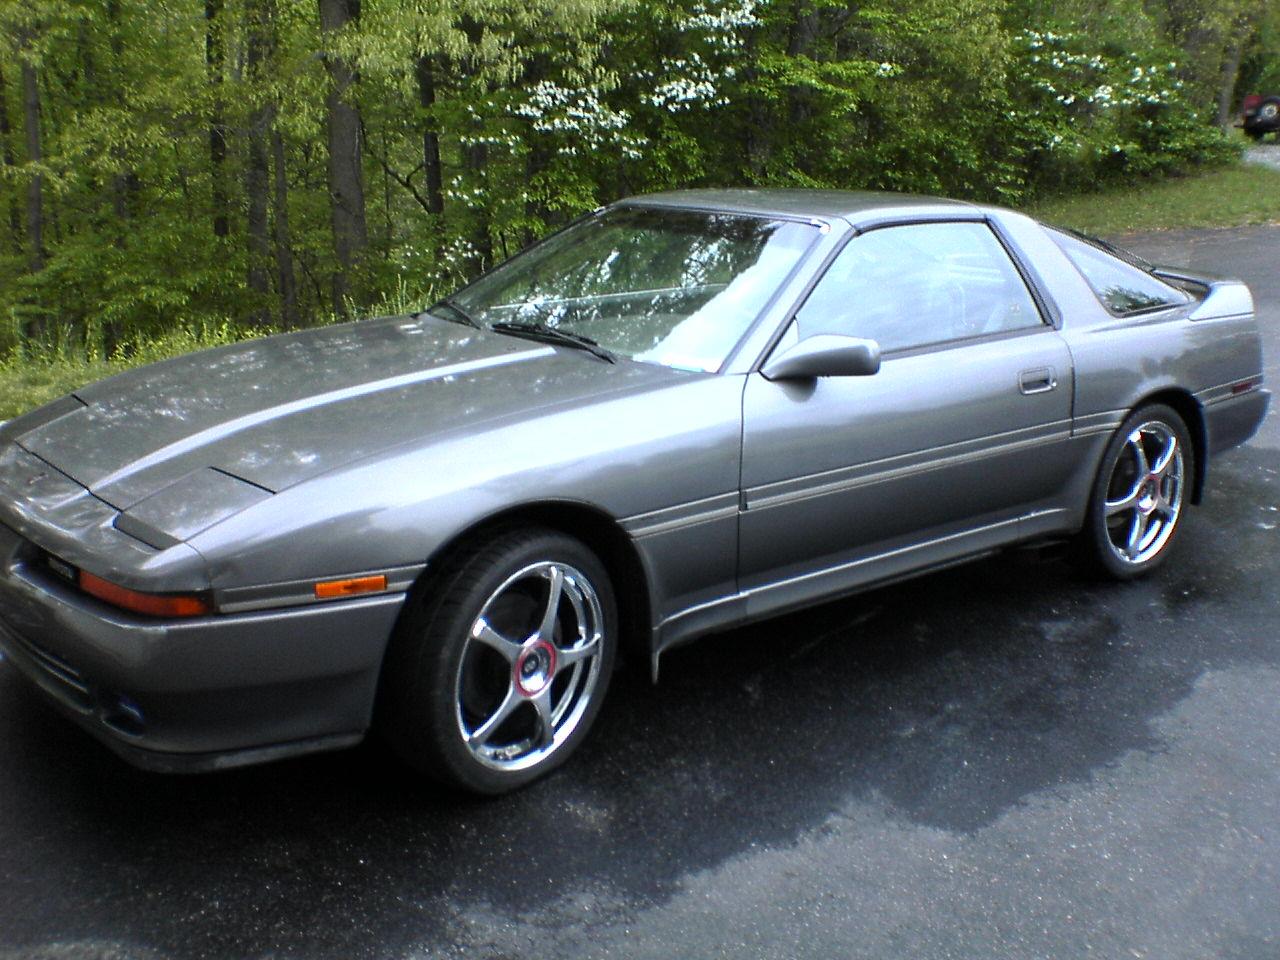 1989 Toyota Supra Pictures Cargurus